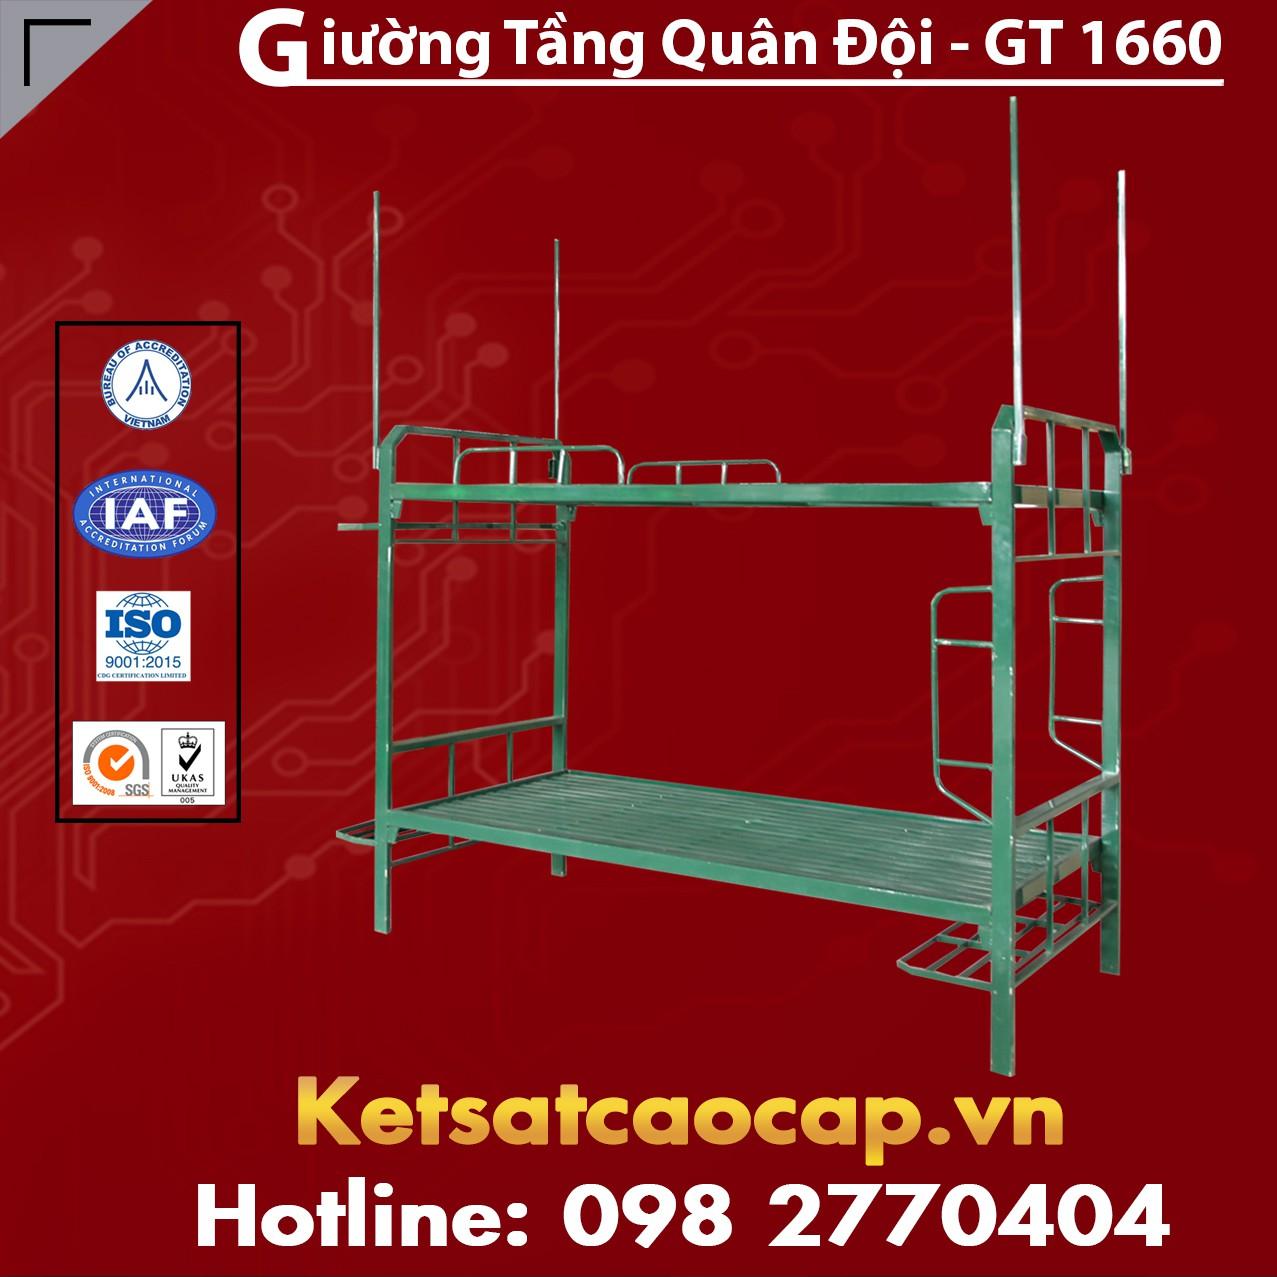 Giường Tầng Quân Đội - GT 1660